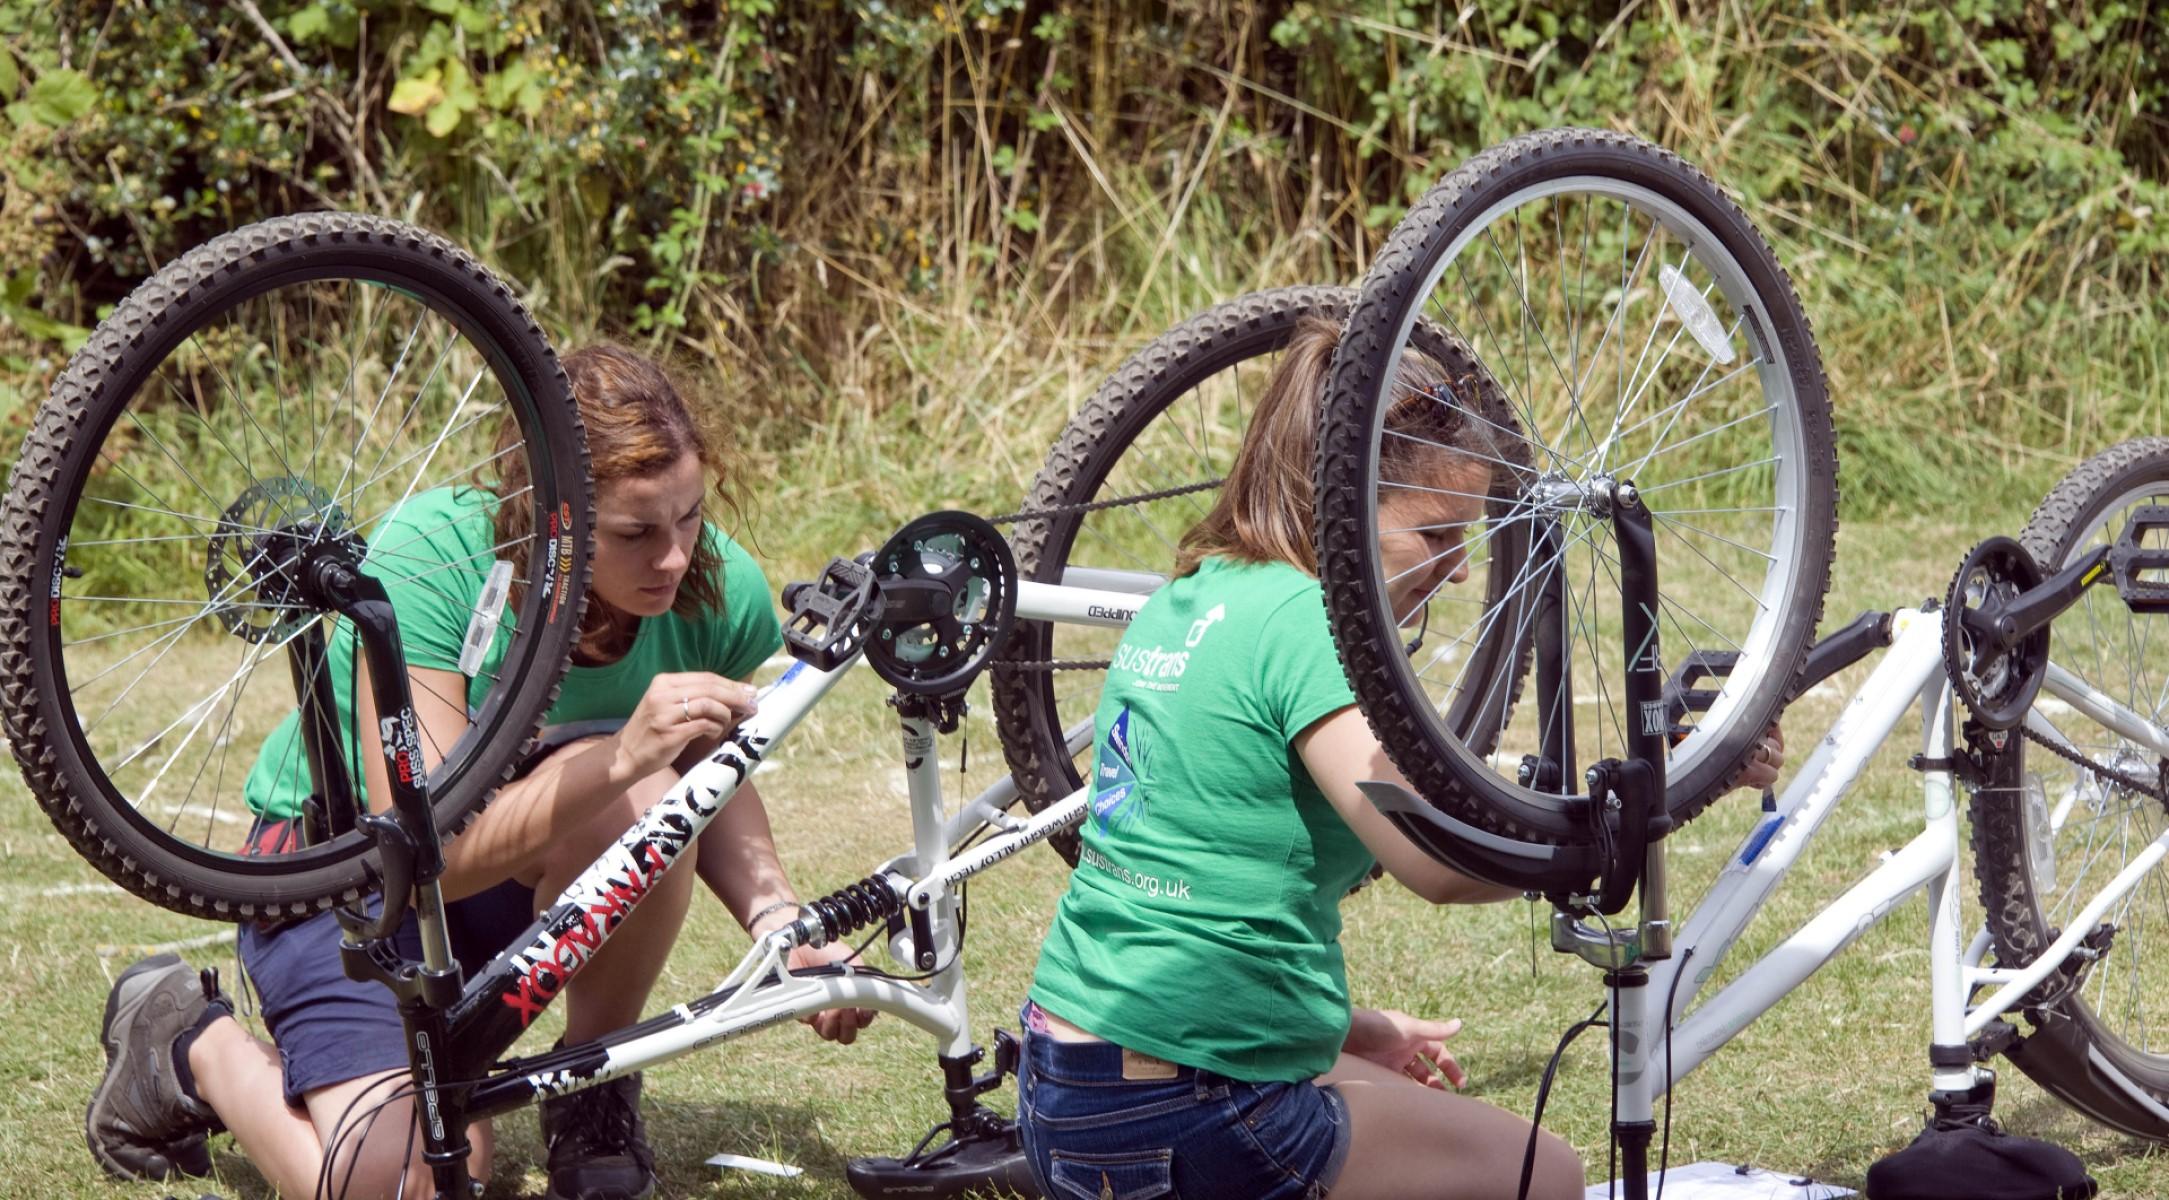 Bike marking